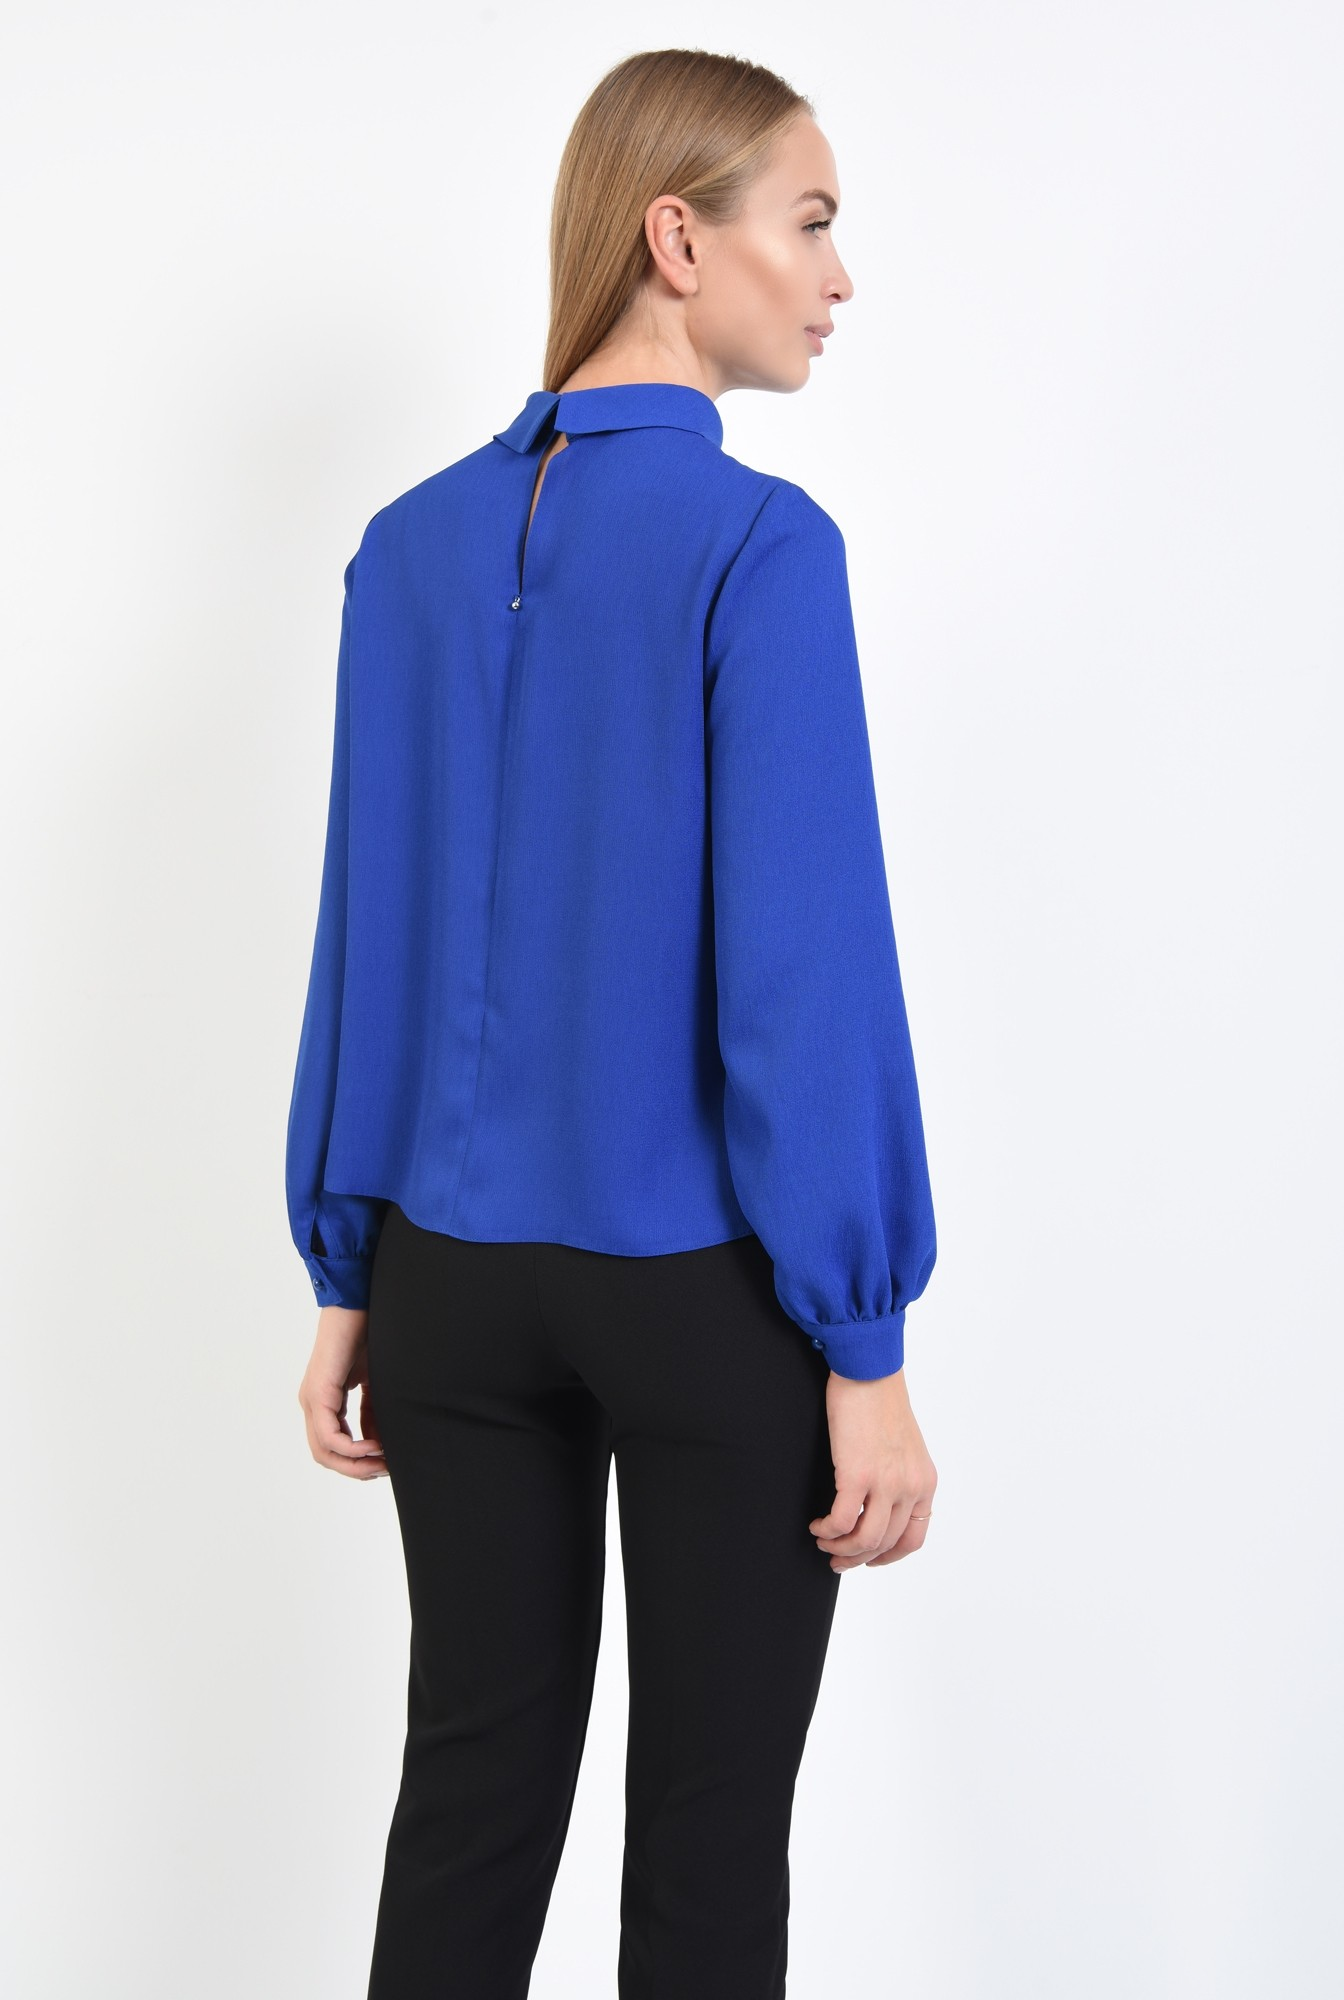 1 - 360 - bluza albastra, croi lejer, maneci lungi